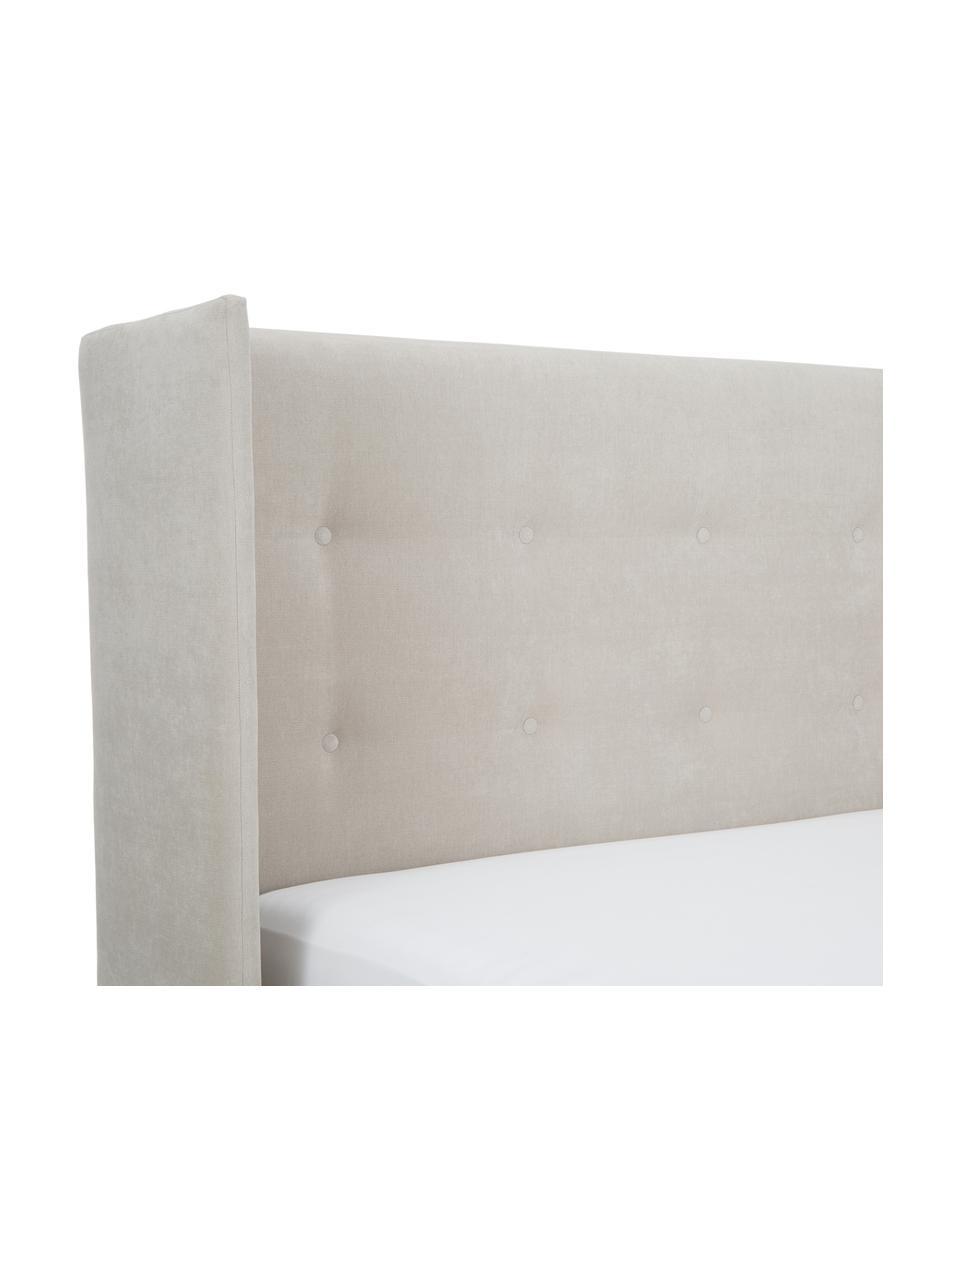 Letto imbottito in tessuto beige con contenitore Star, Rivestimento: Poliestere (tessuto strut, Tessuto beige, 180 x 200 cm